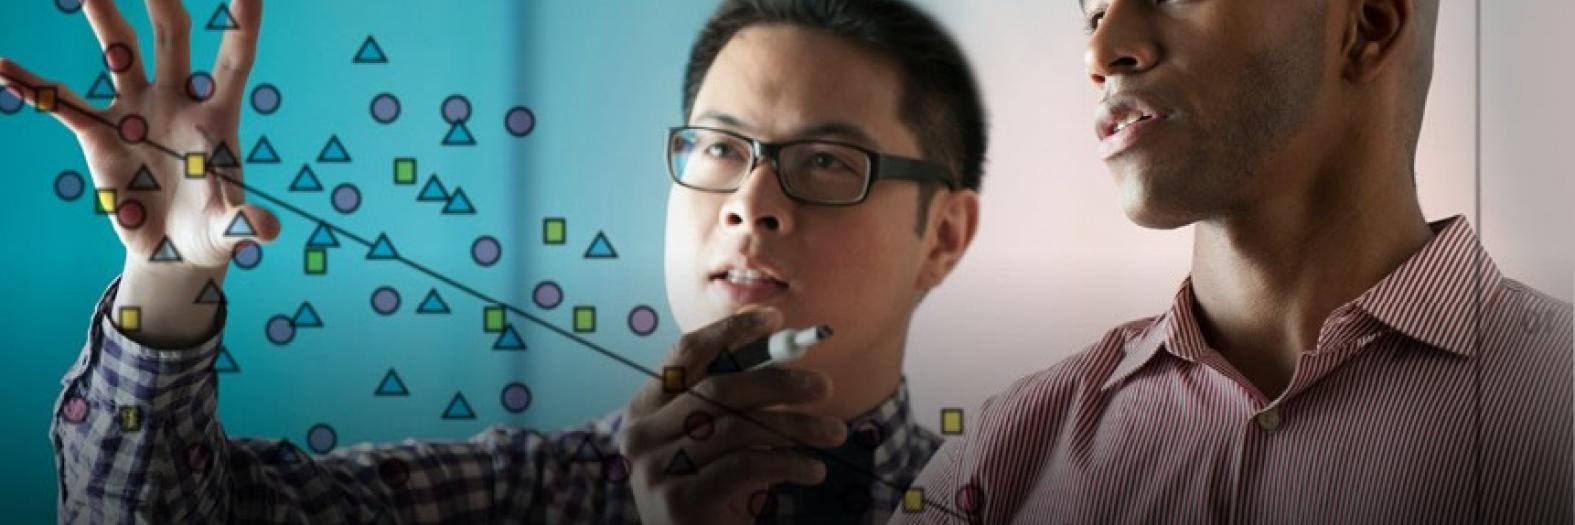 datascience-banner.jpg